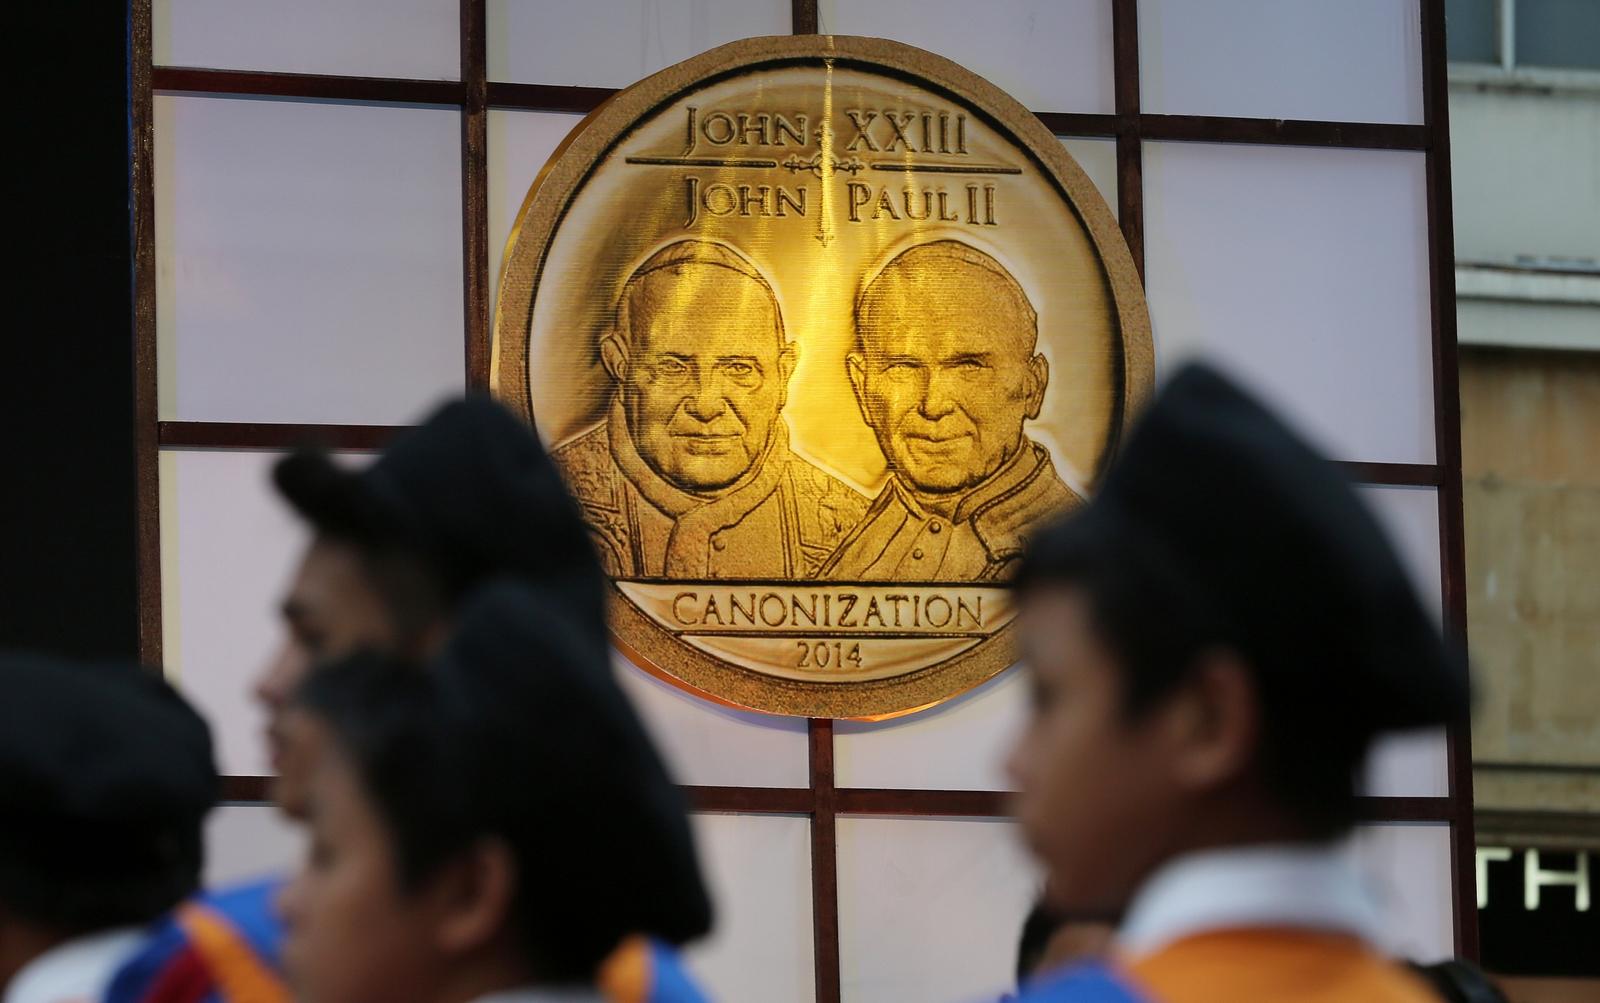 dos papas canonizados juntos